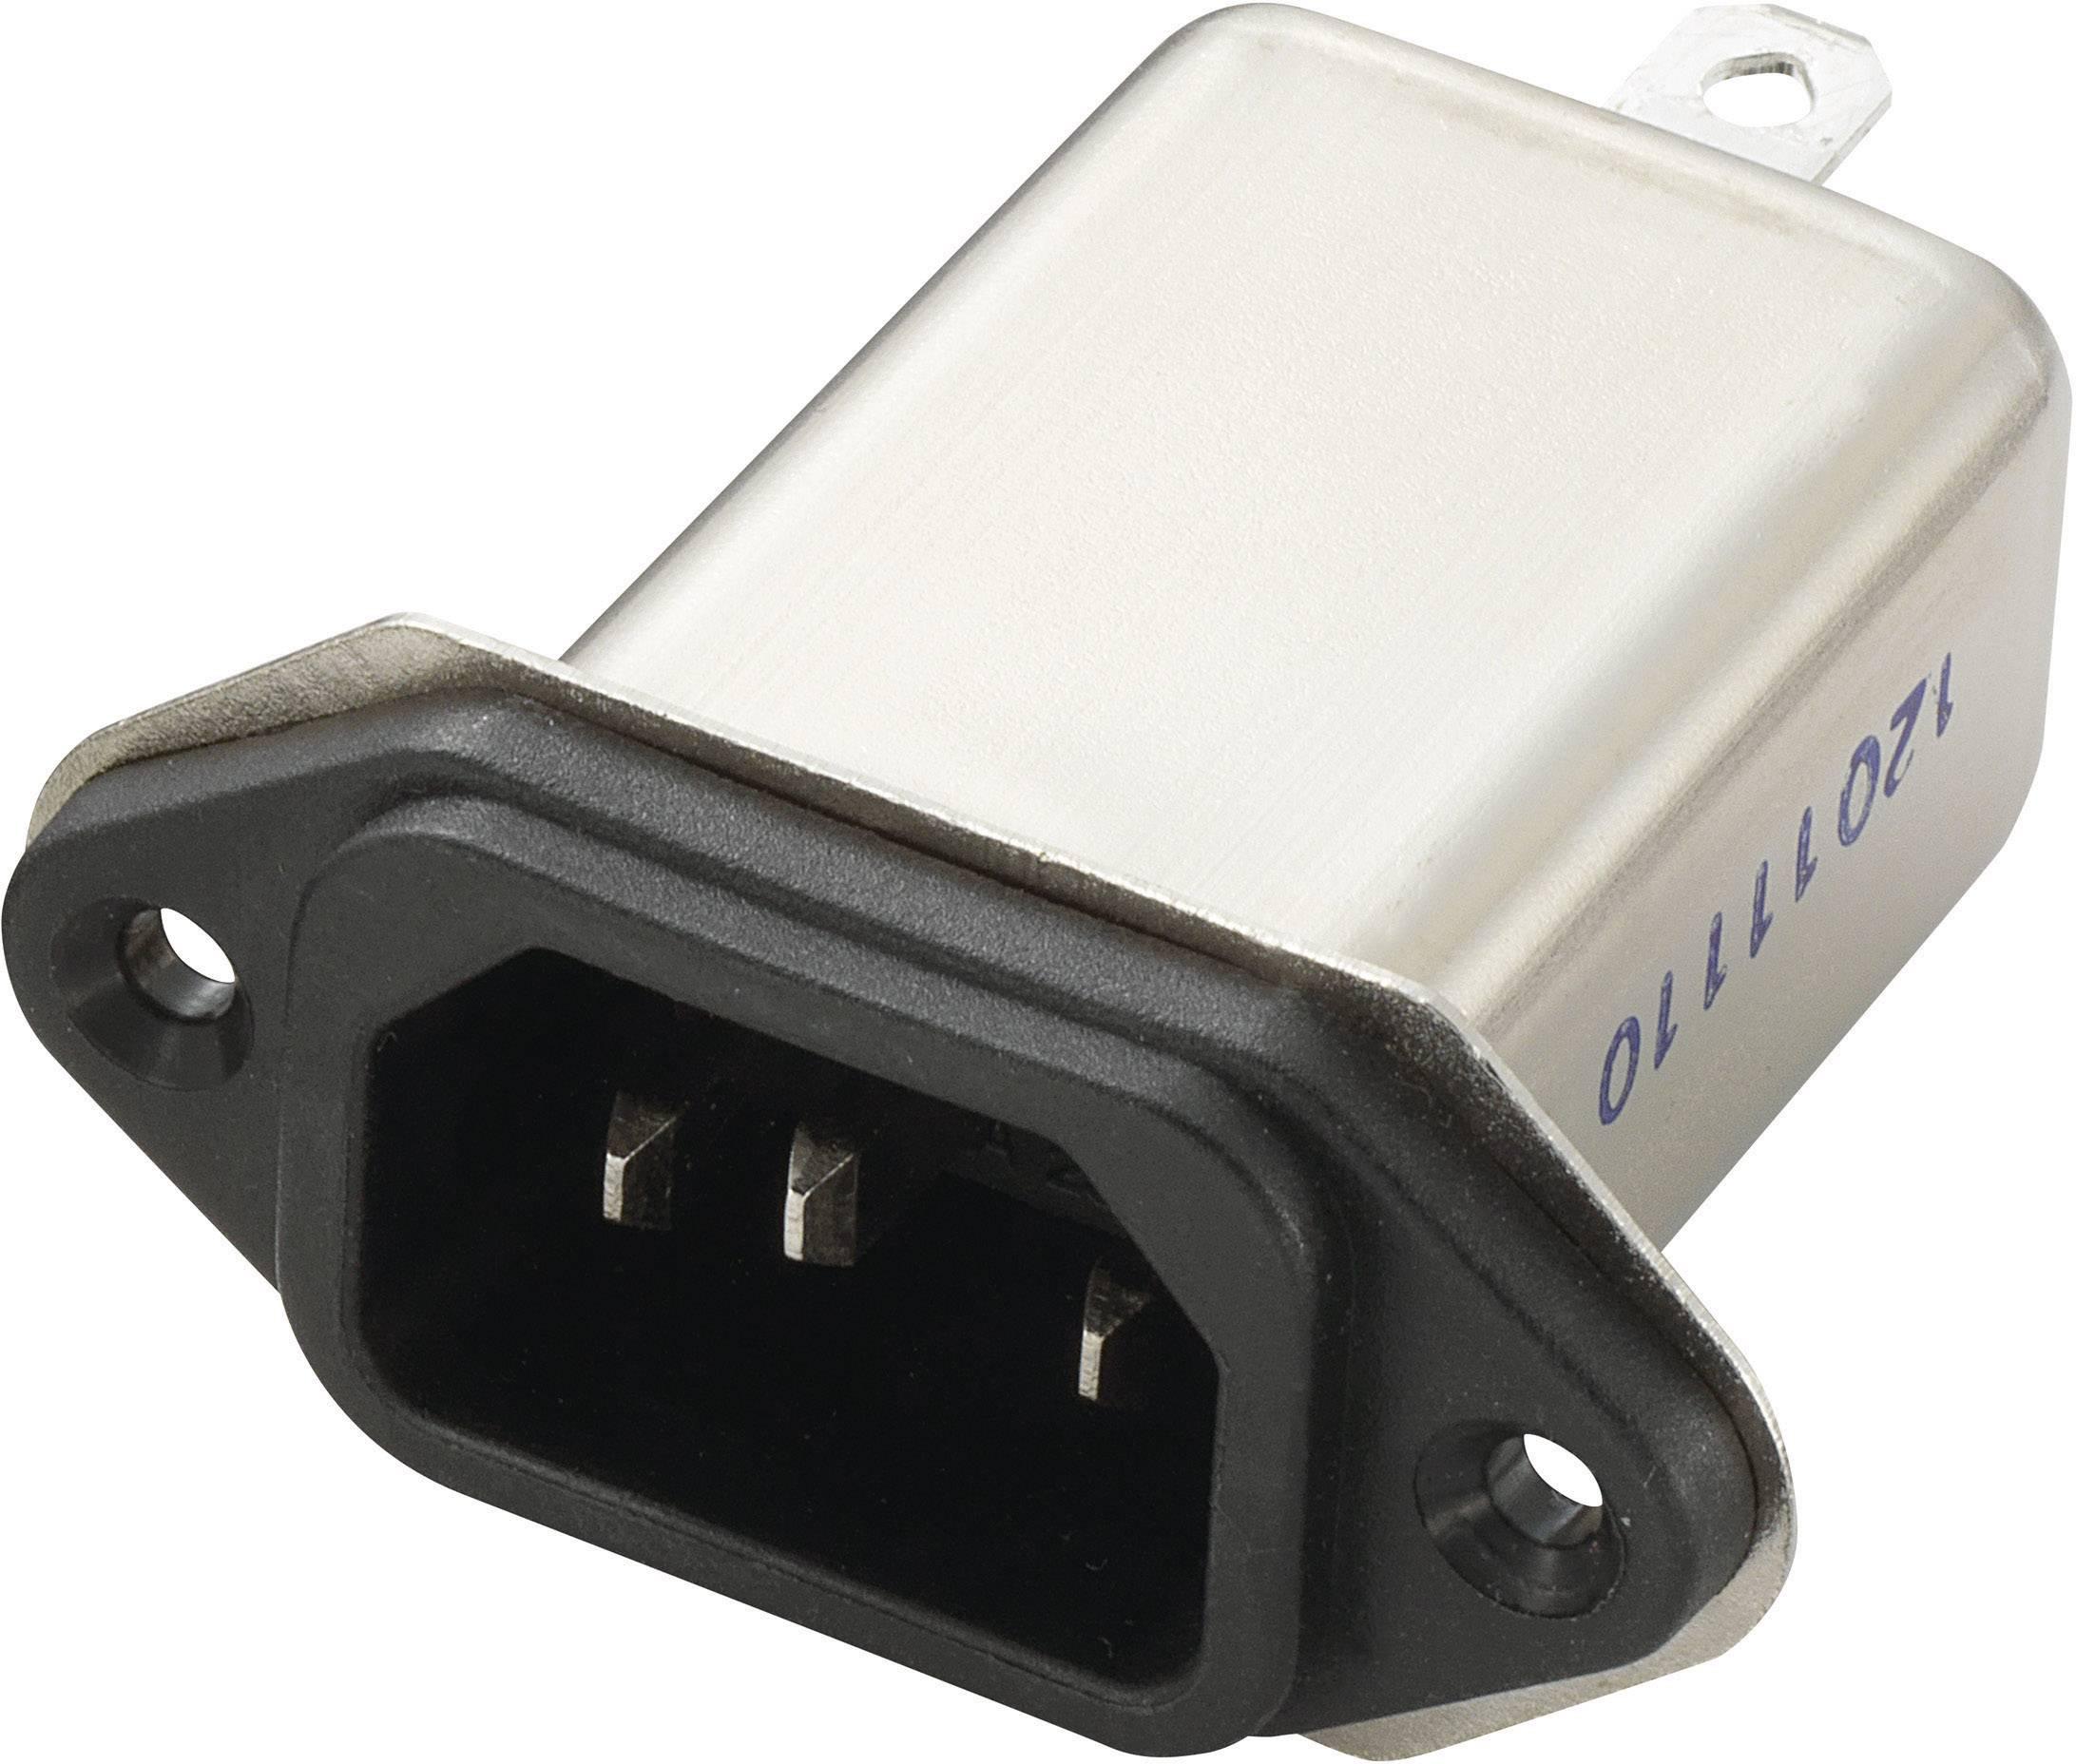 Sieťový filter Yunpen YB06A1-B 700173, s IEC zásuvkou, 250 V/AC, 6 A, 0.7 mH, (d x š x v) 58 x 52.3 x 25.25 mm, 1 ks